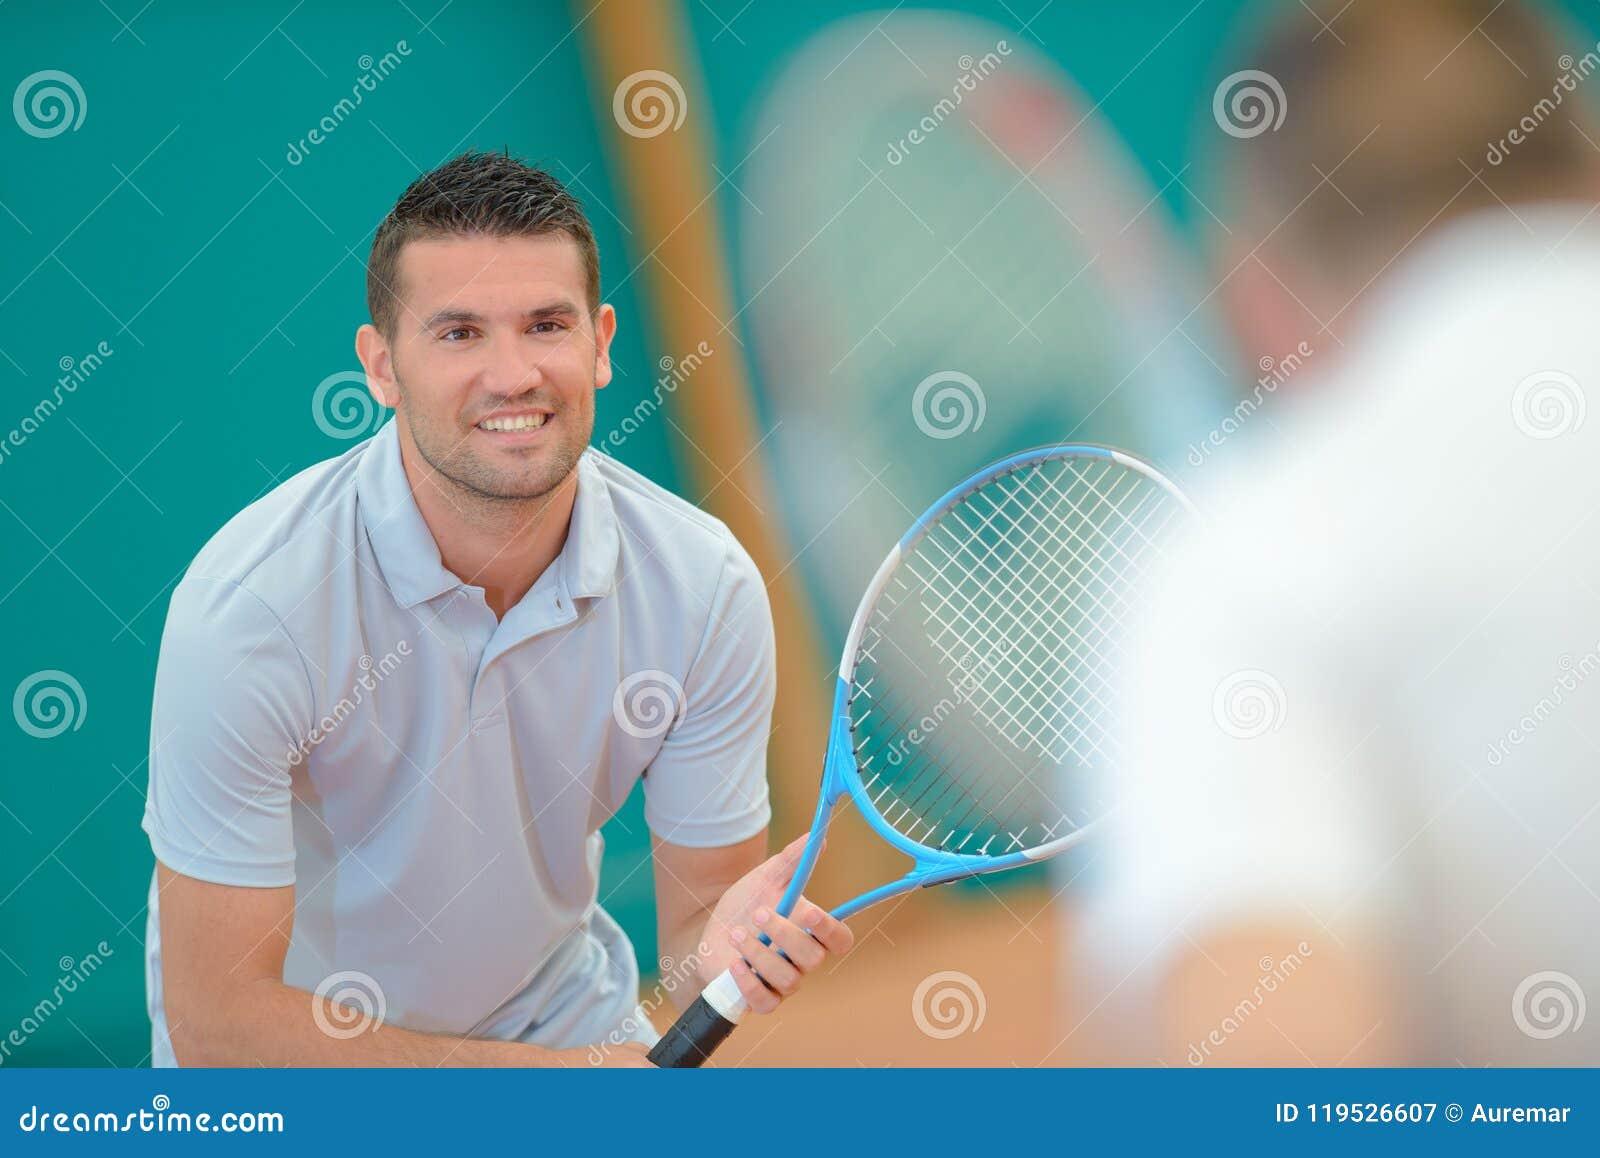 Przygotowany gracz w tenisa